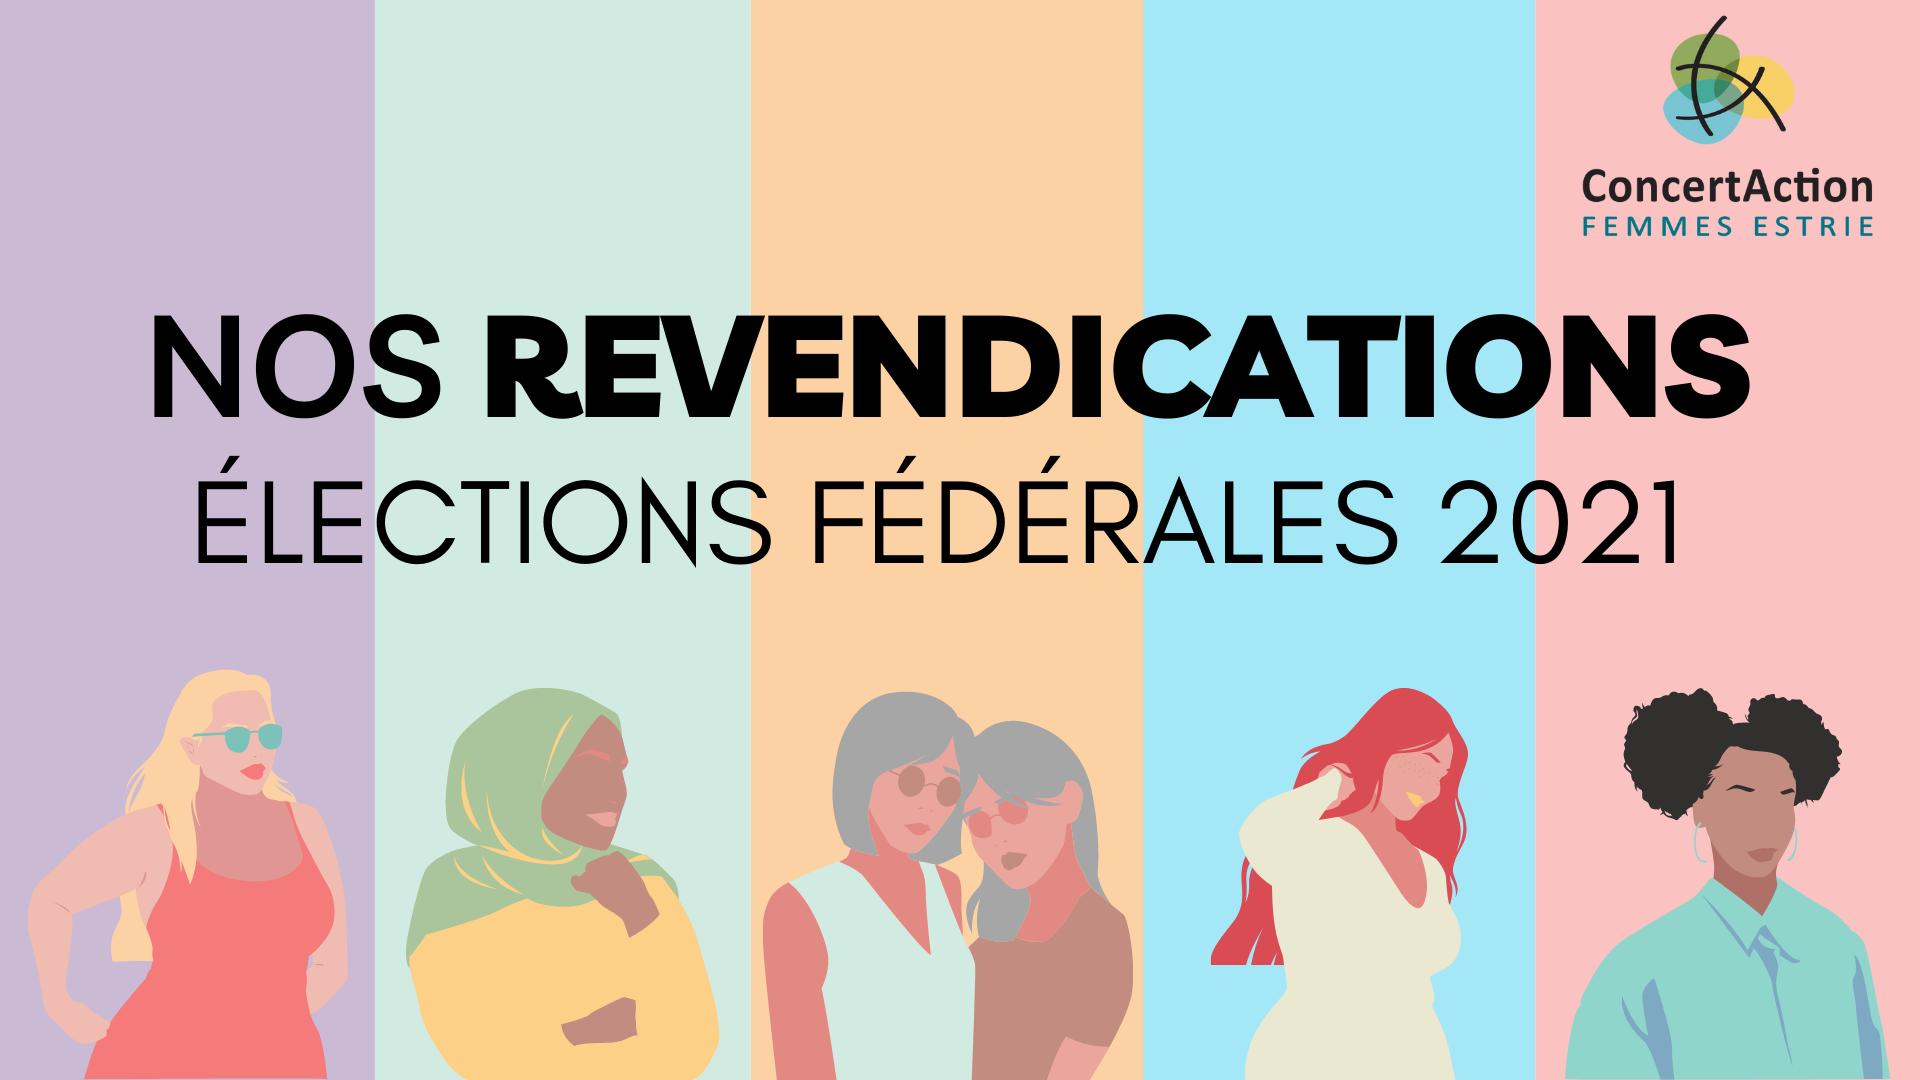 Élections fédérales 2021